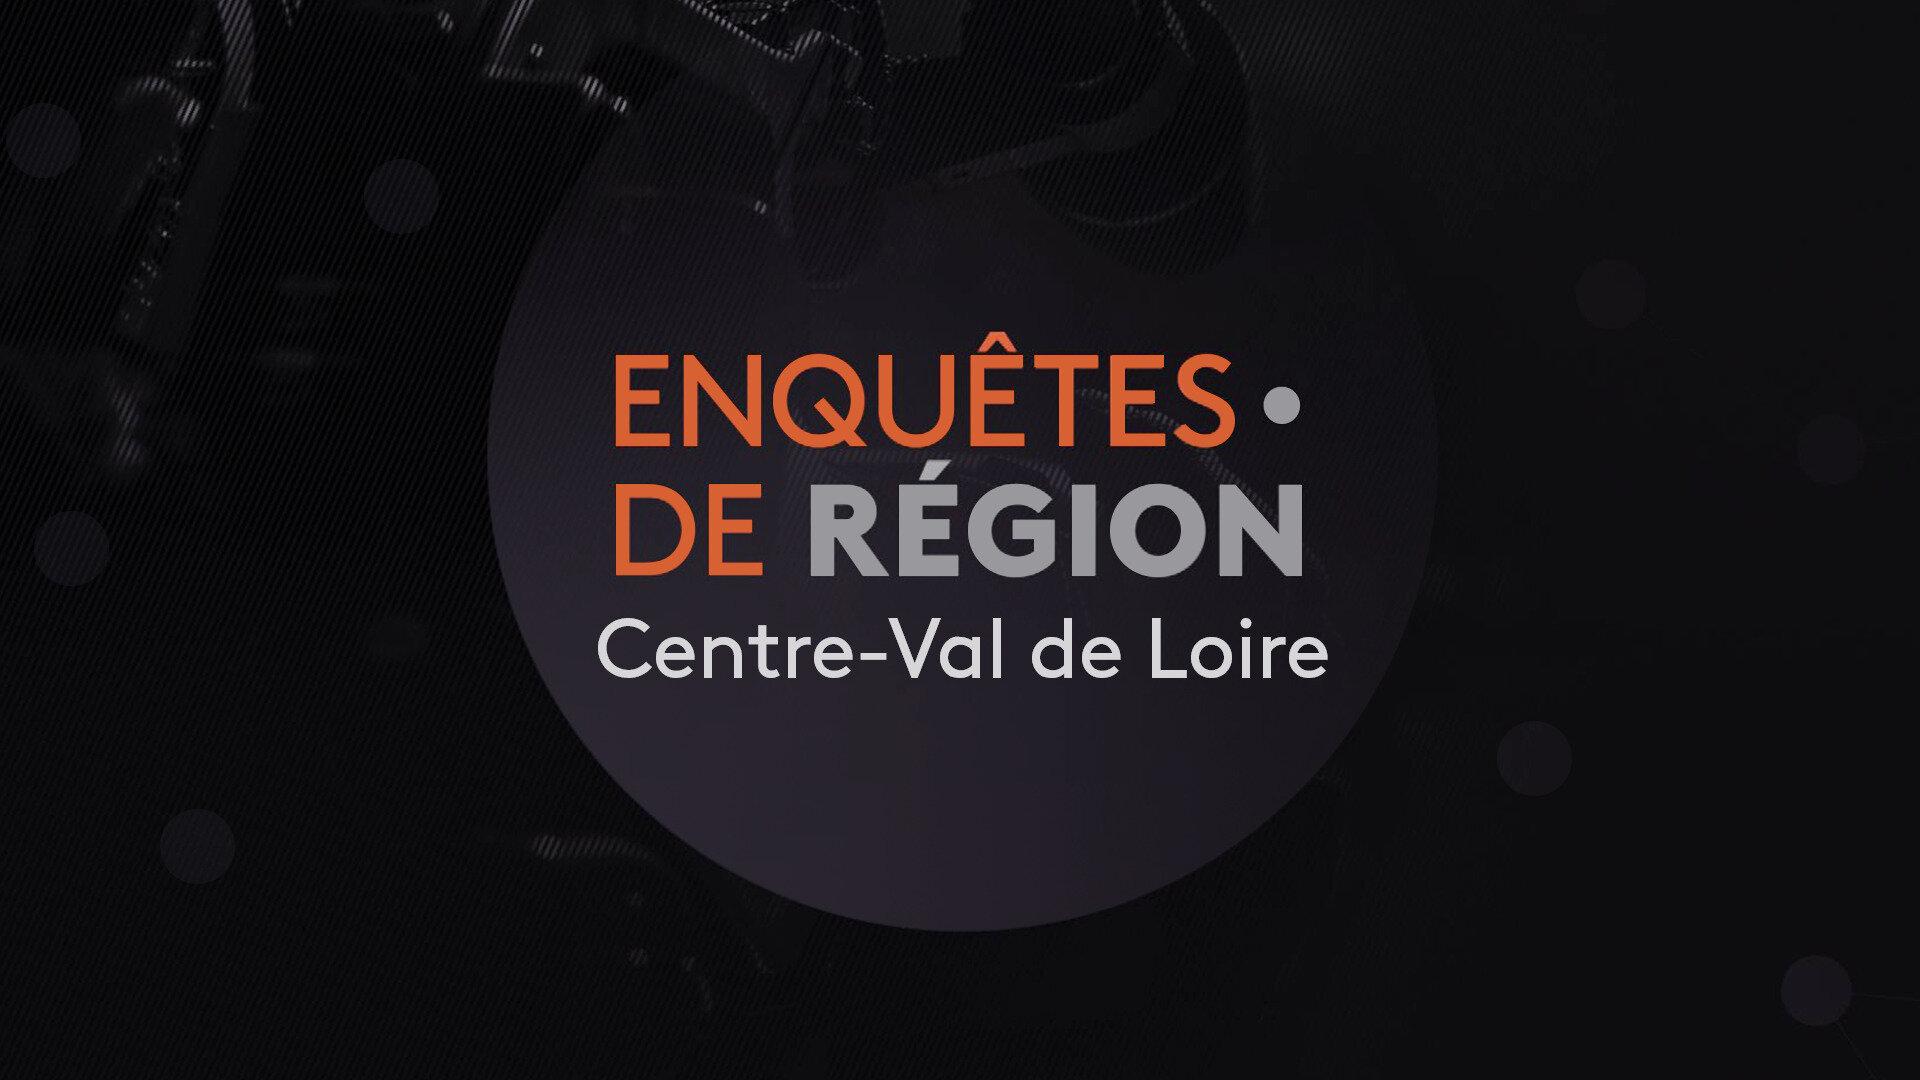 Enquêtes de Région - Centre-Val de Loire